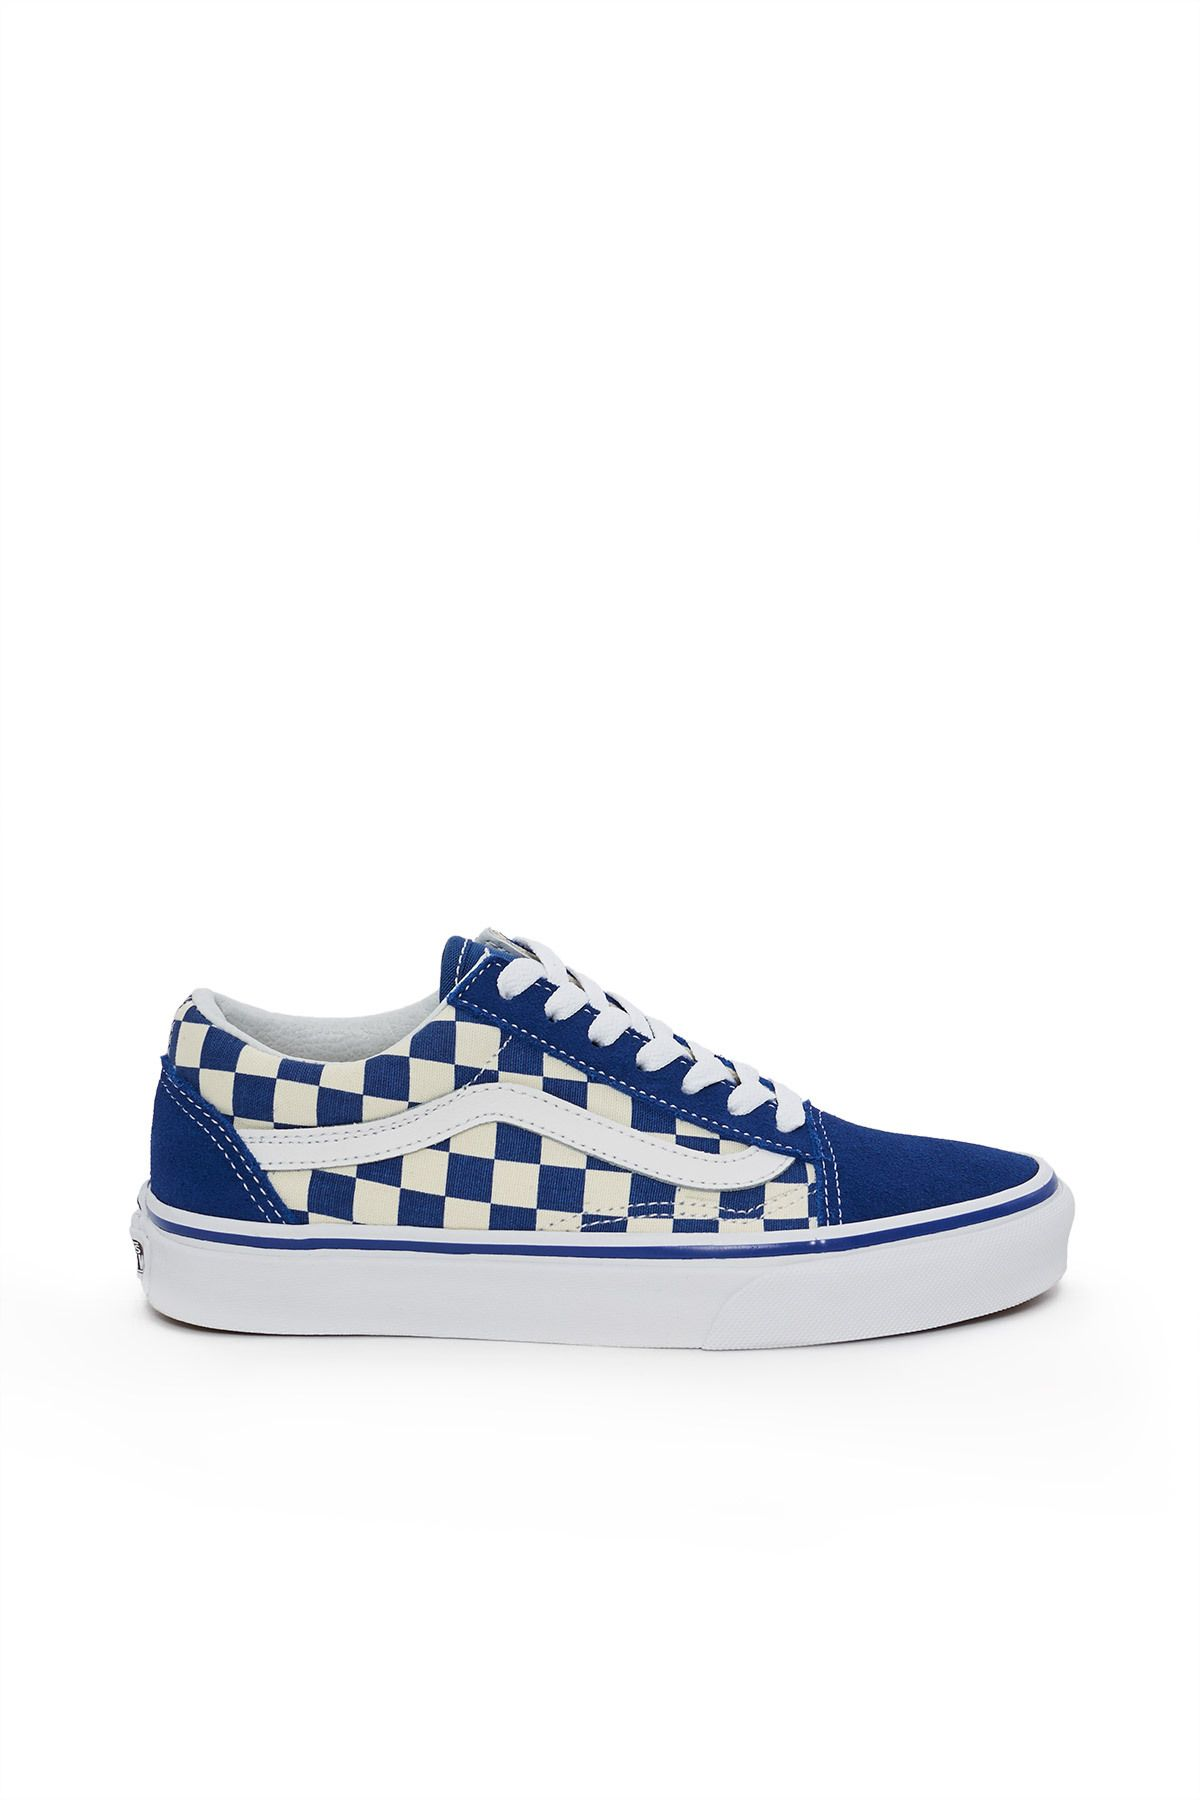 Vans, Primary Check Old Skool Sneaker